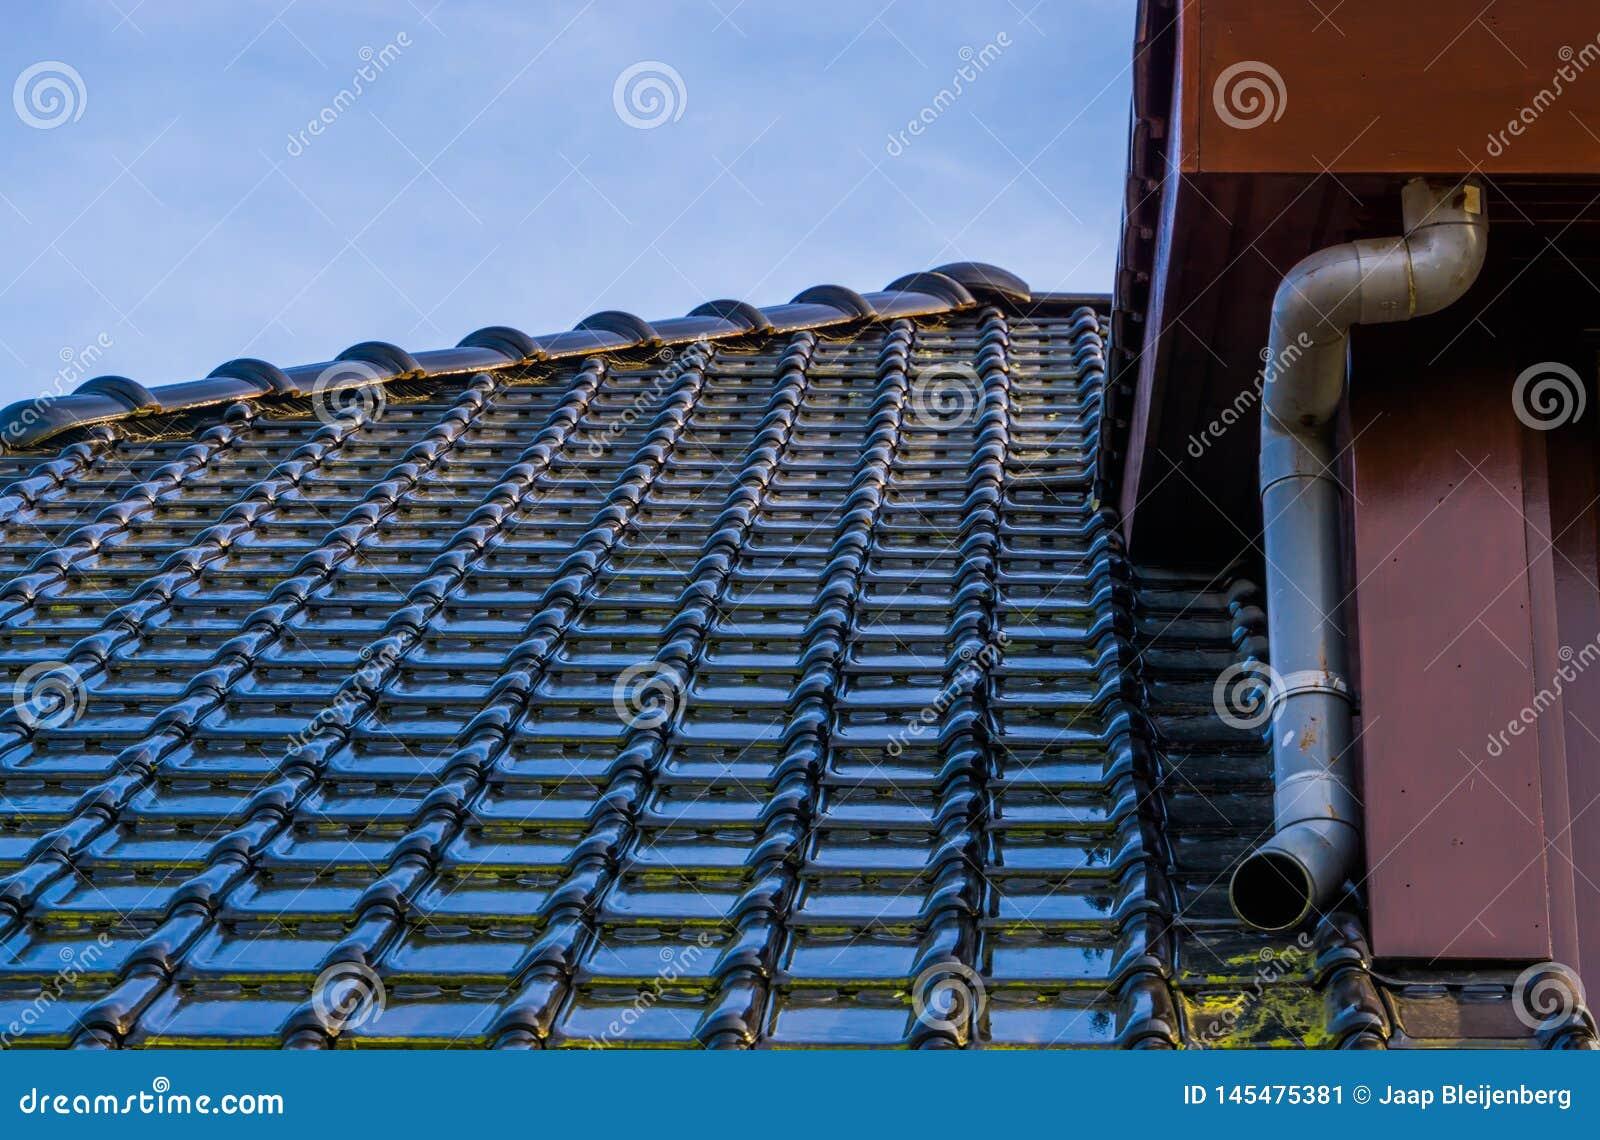 Στέγη με τη μαύρη στιλπνή επικεράμωση στεγών και έναν σωλήνα αποχέτευσης, σύγχρονο ολλανδικό υπόβαθρο αρχιτεκτονικής